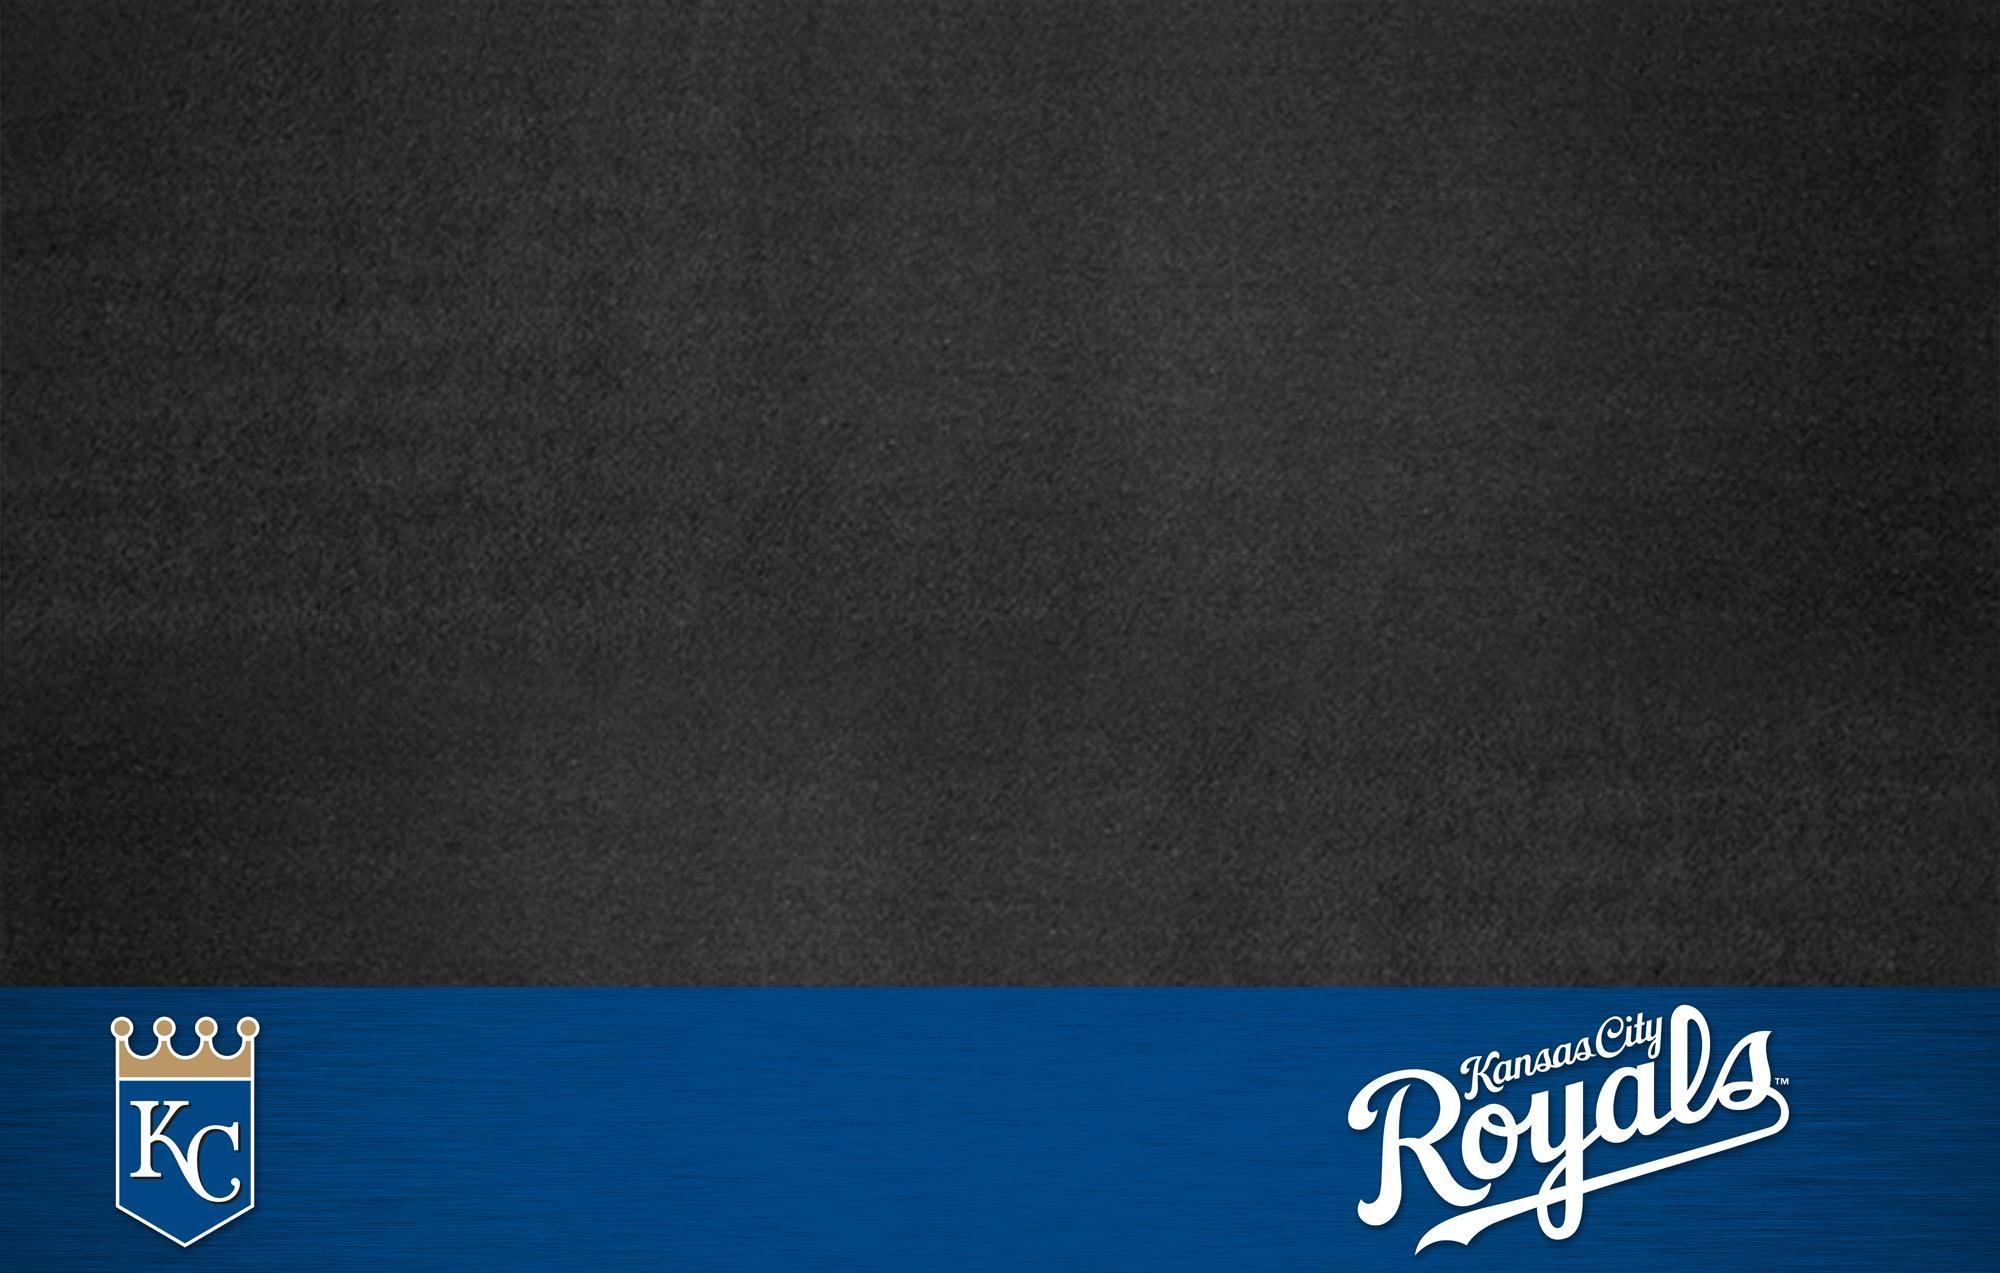 KANSAS CITY ROYALS mlb baseball (38) wallpaper background